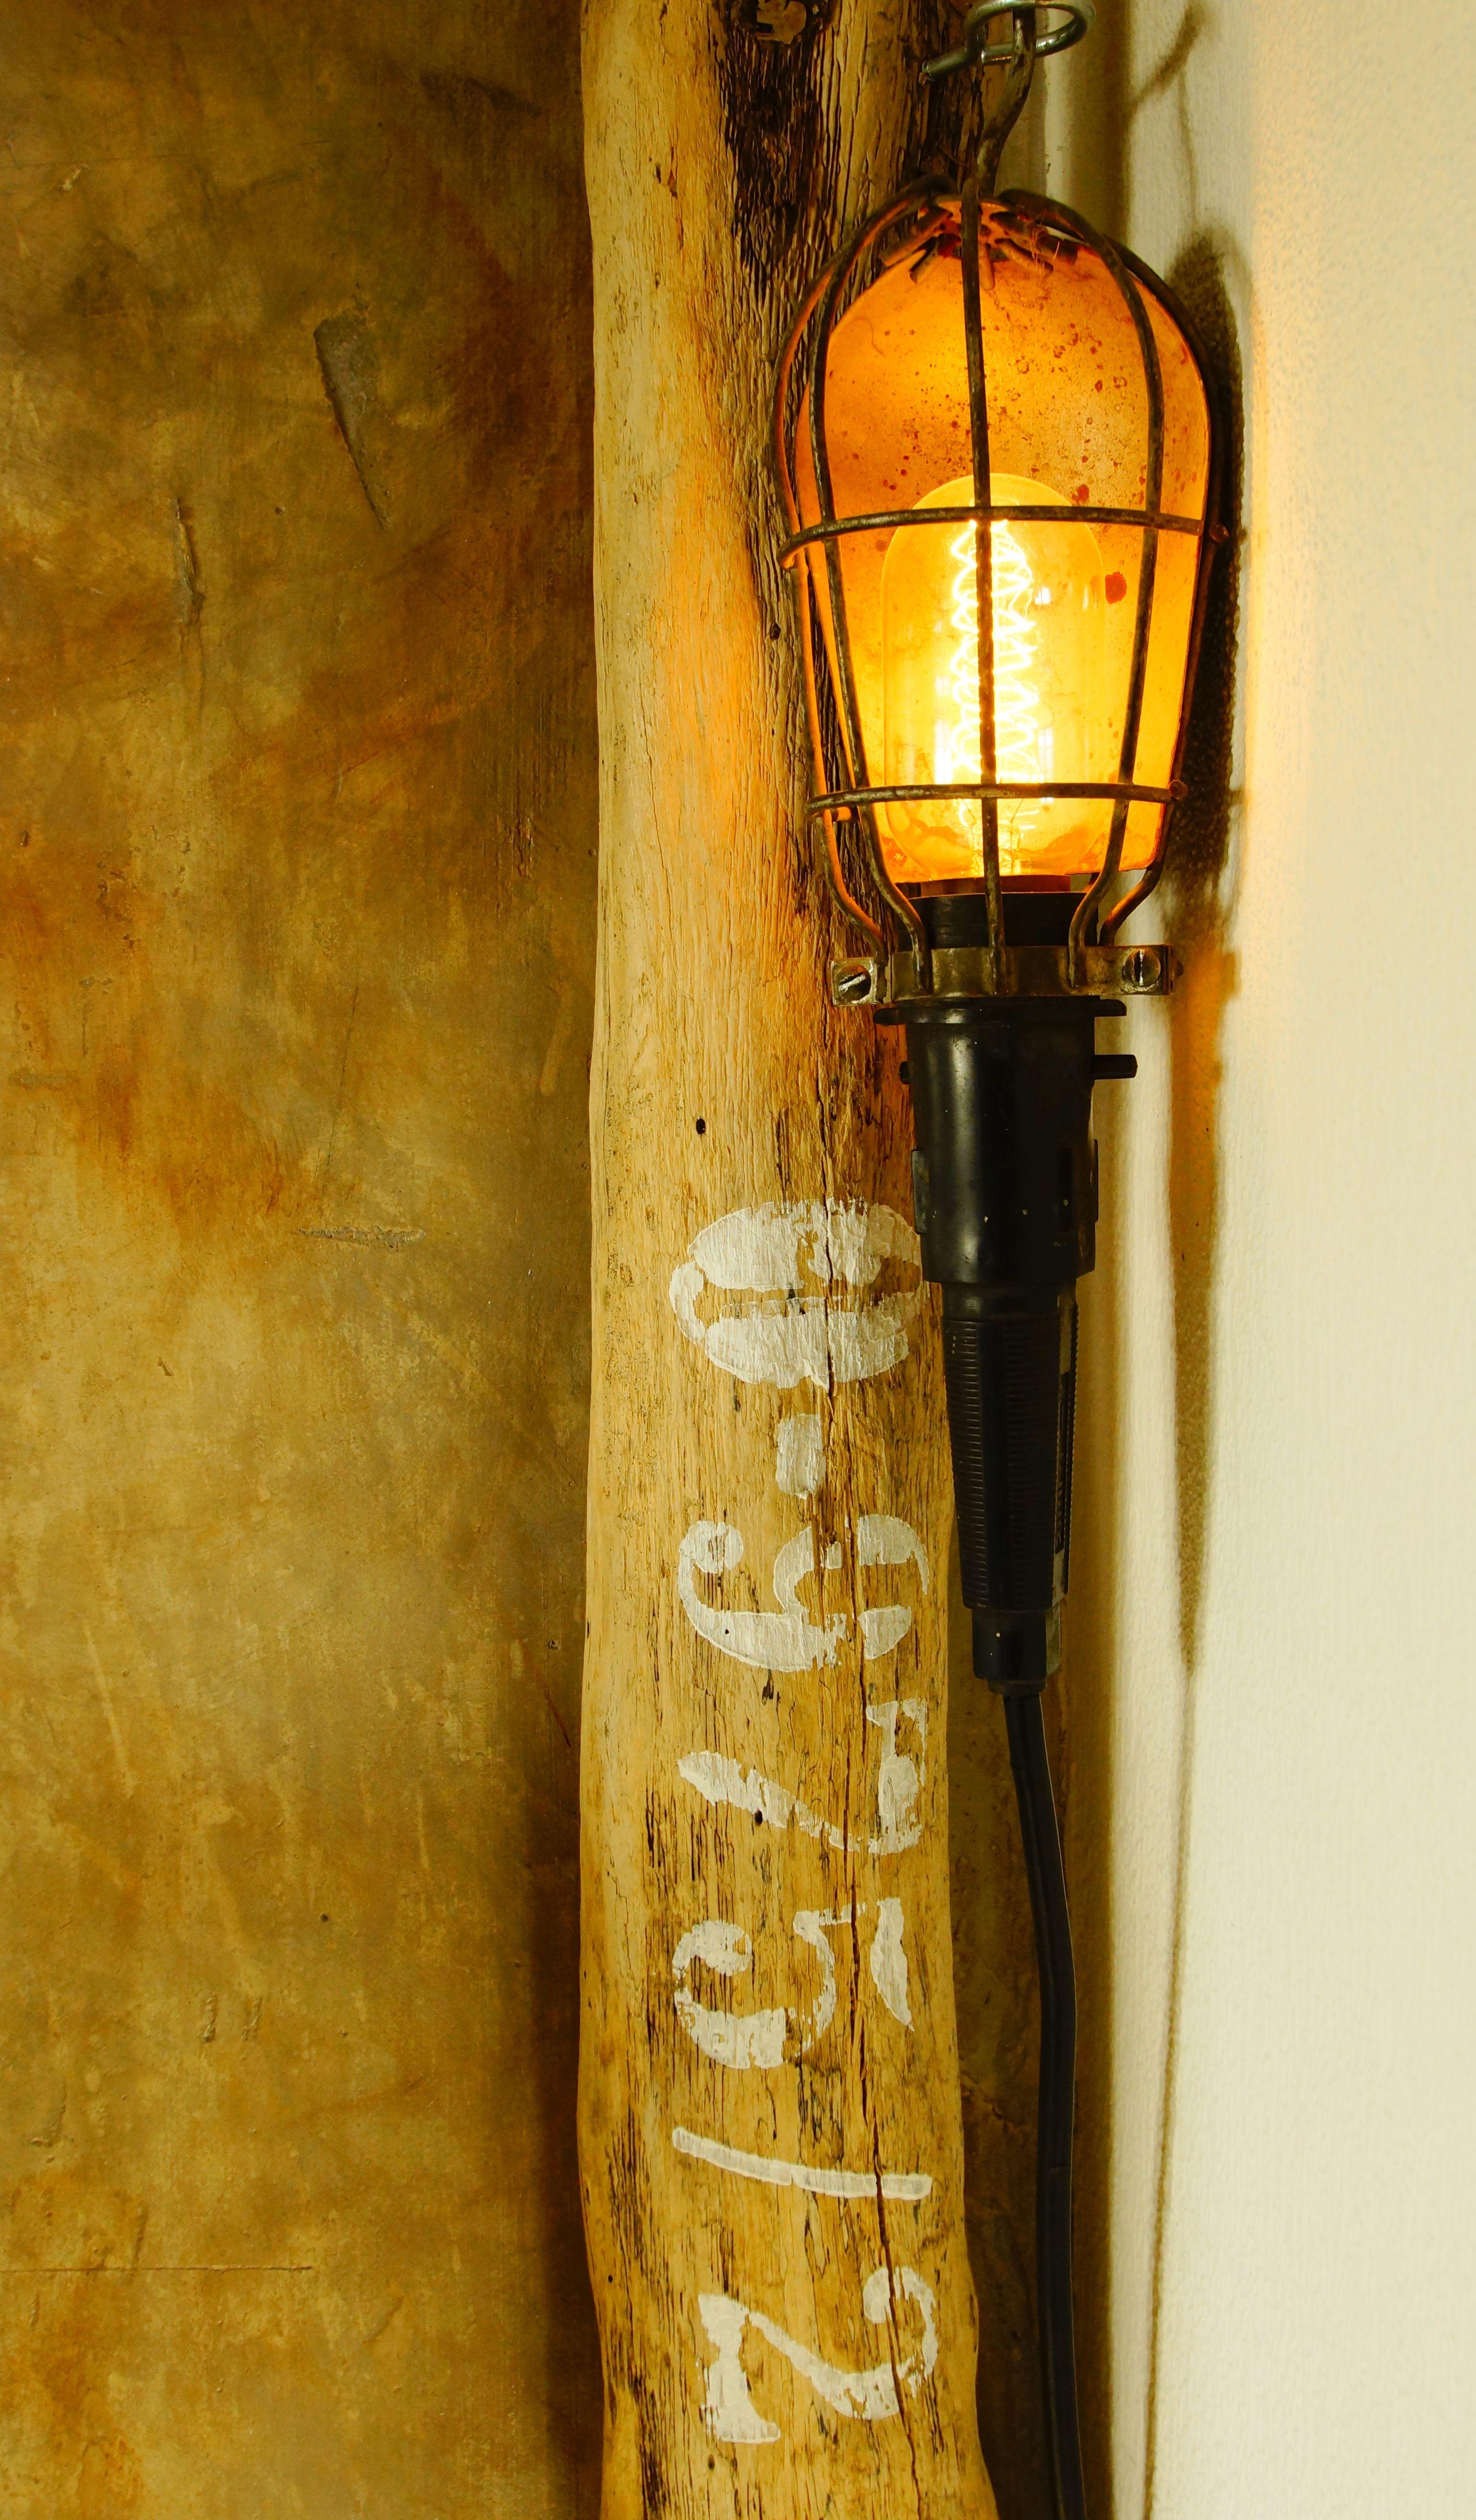 alte Leuchte..an ein langes Stück Strandgut aus Dänemark gehängt